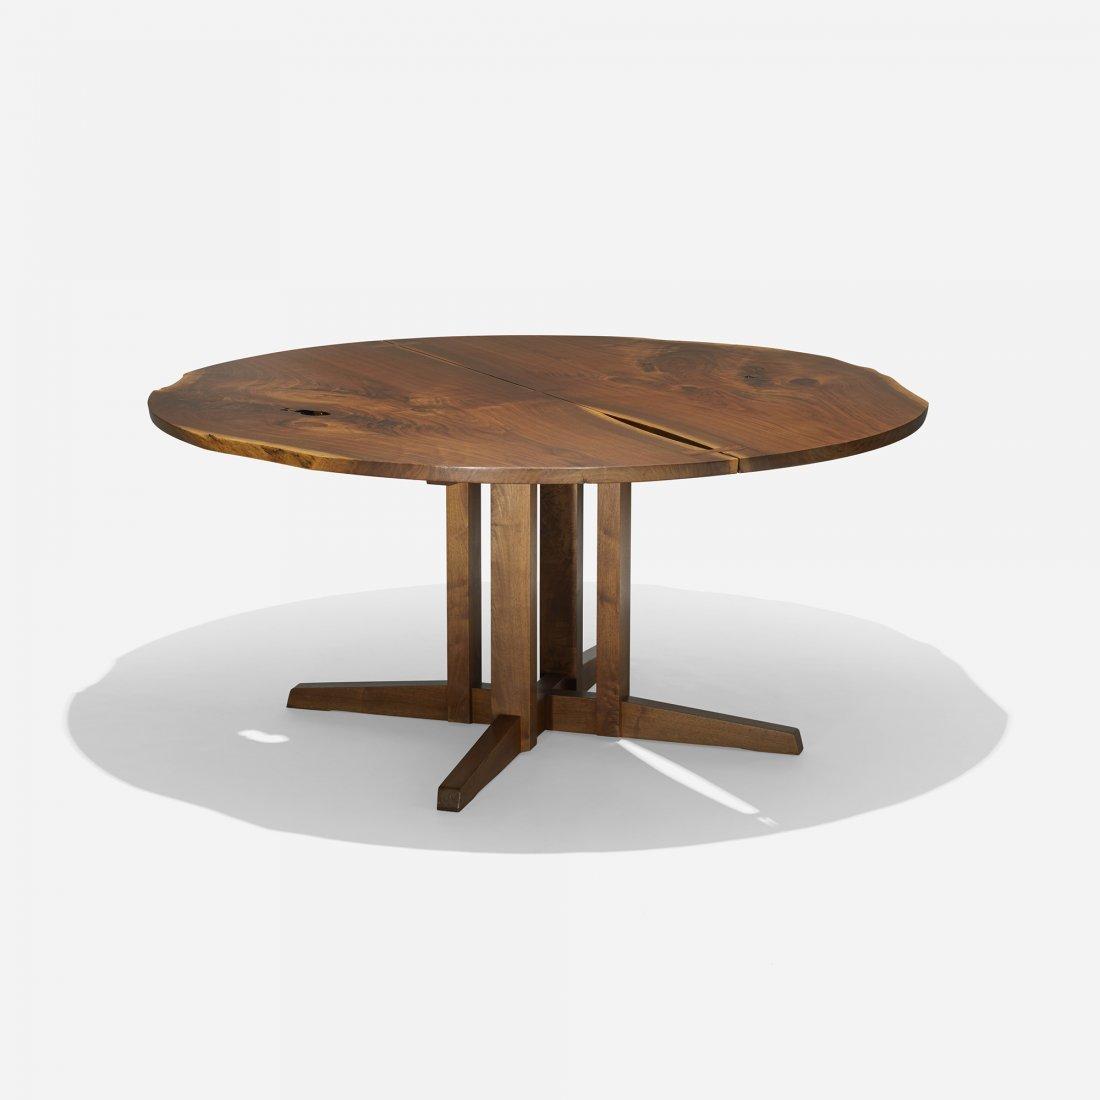 George Nakashima Round Cluster Based dining table